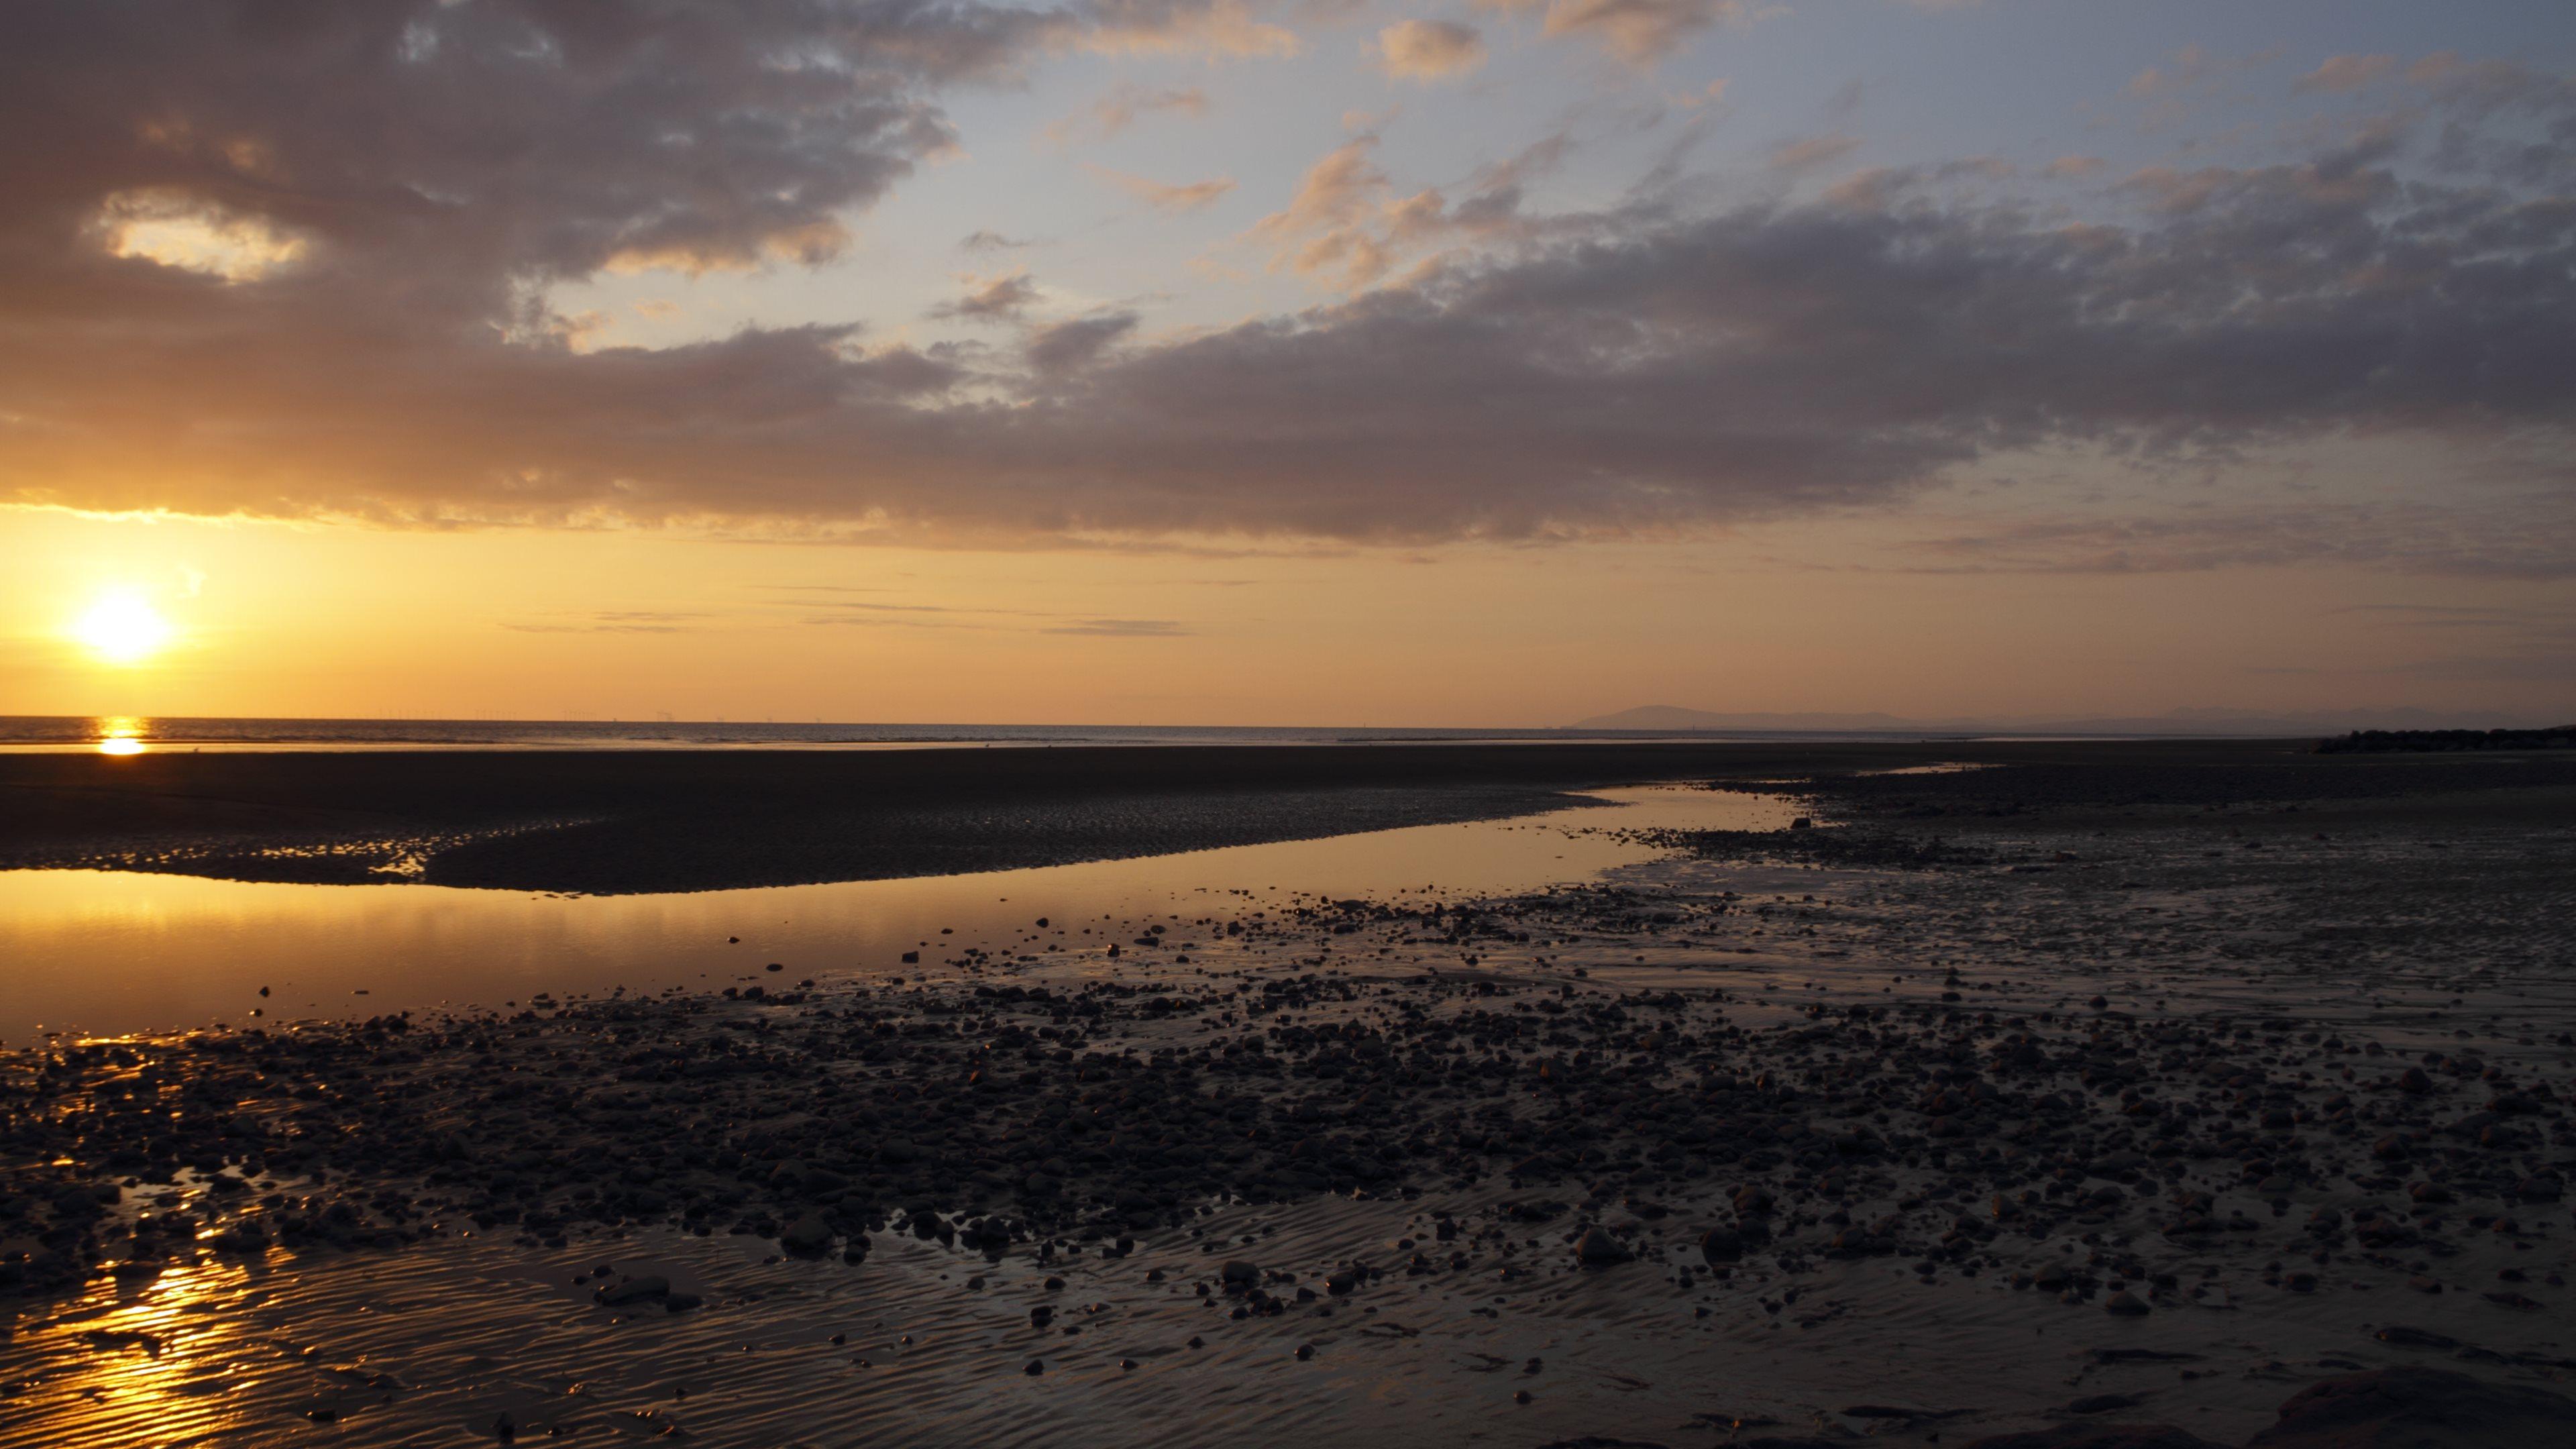 com Beautiful Sunsets over Ocean 4K Wallpaper 3840x2160